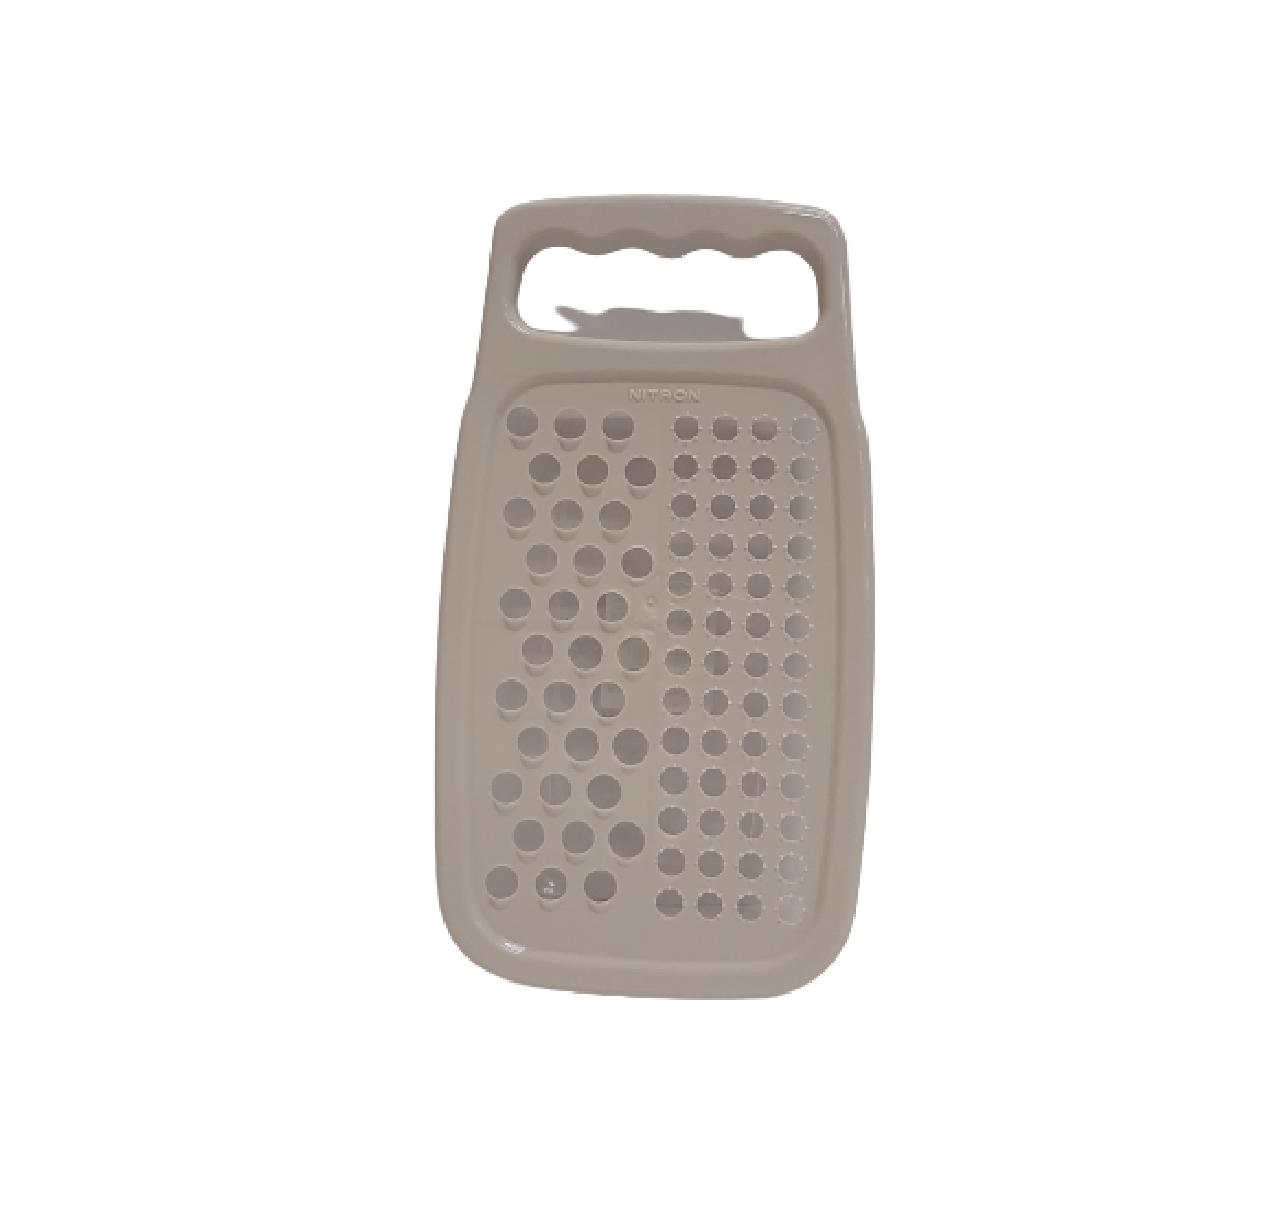 Ralador De Alimentos De Plástico Com Recipiente - Nitron